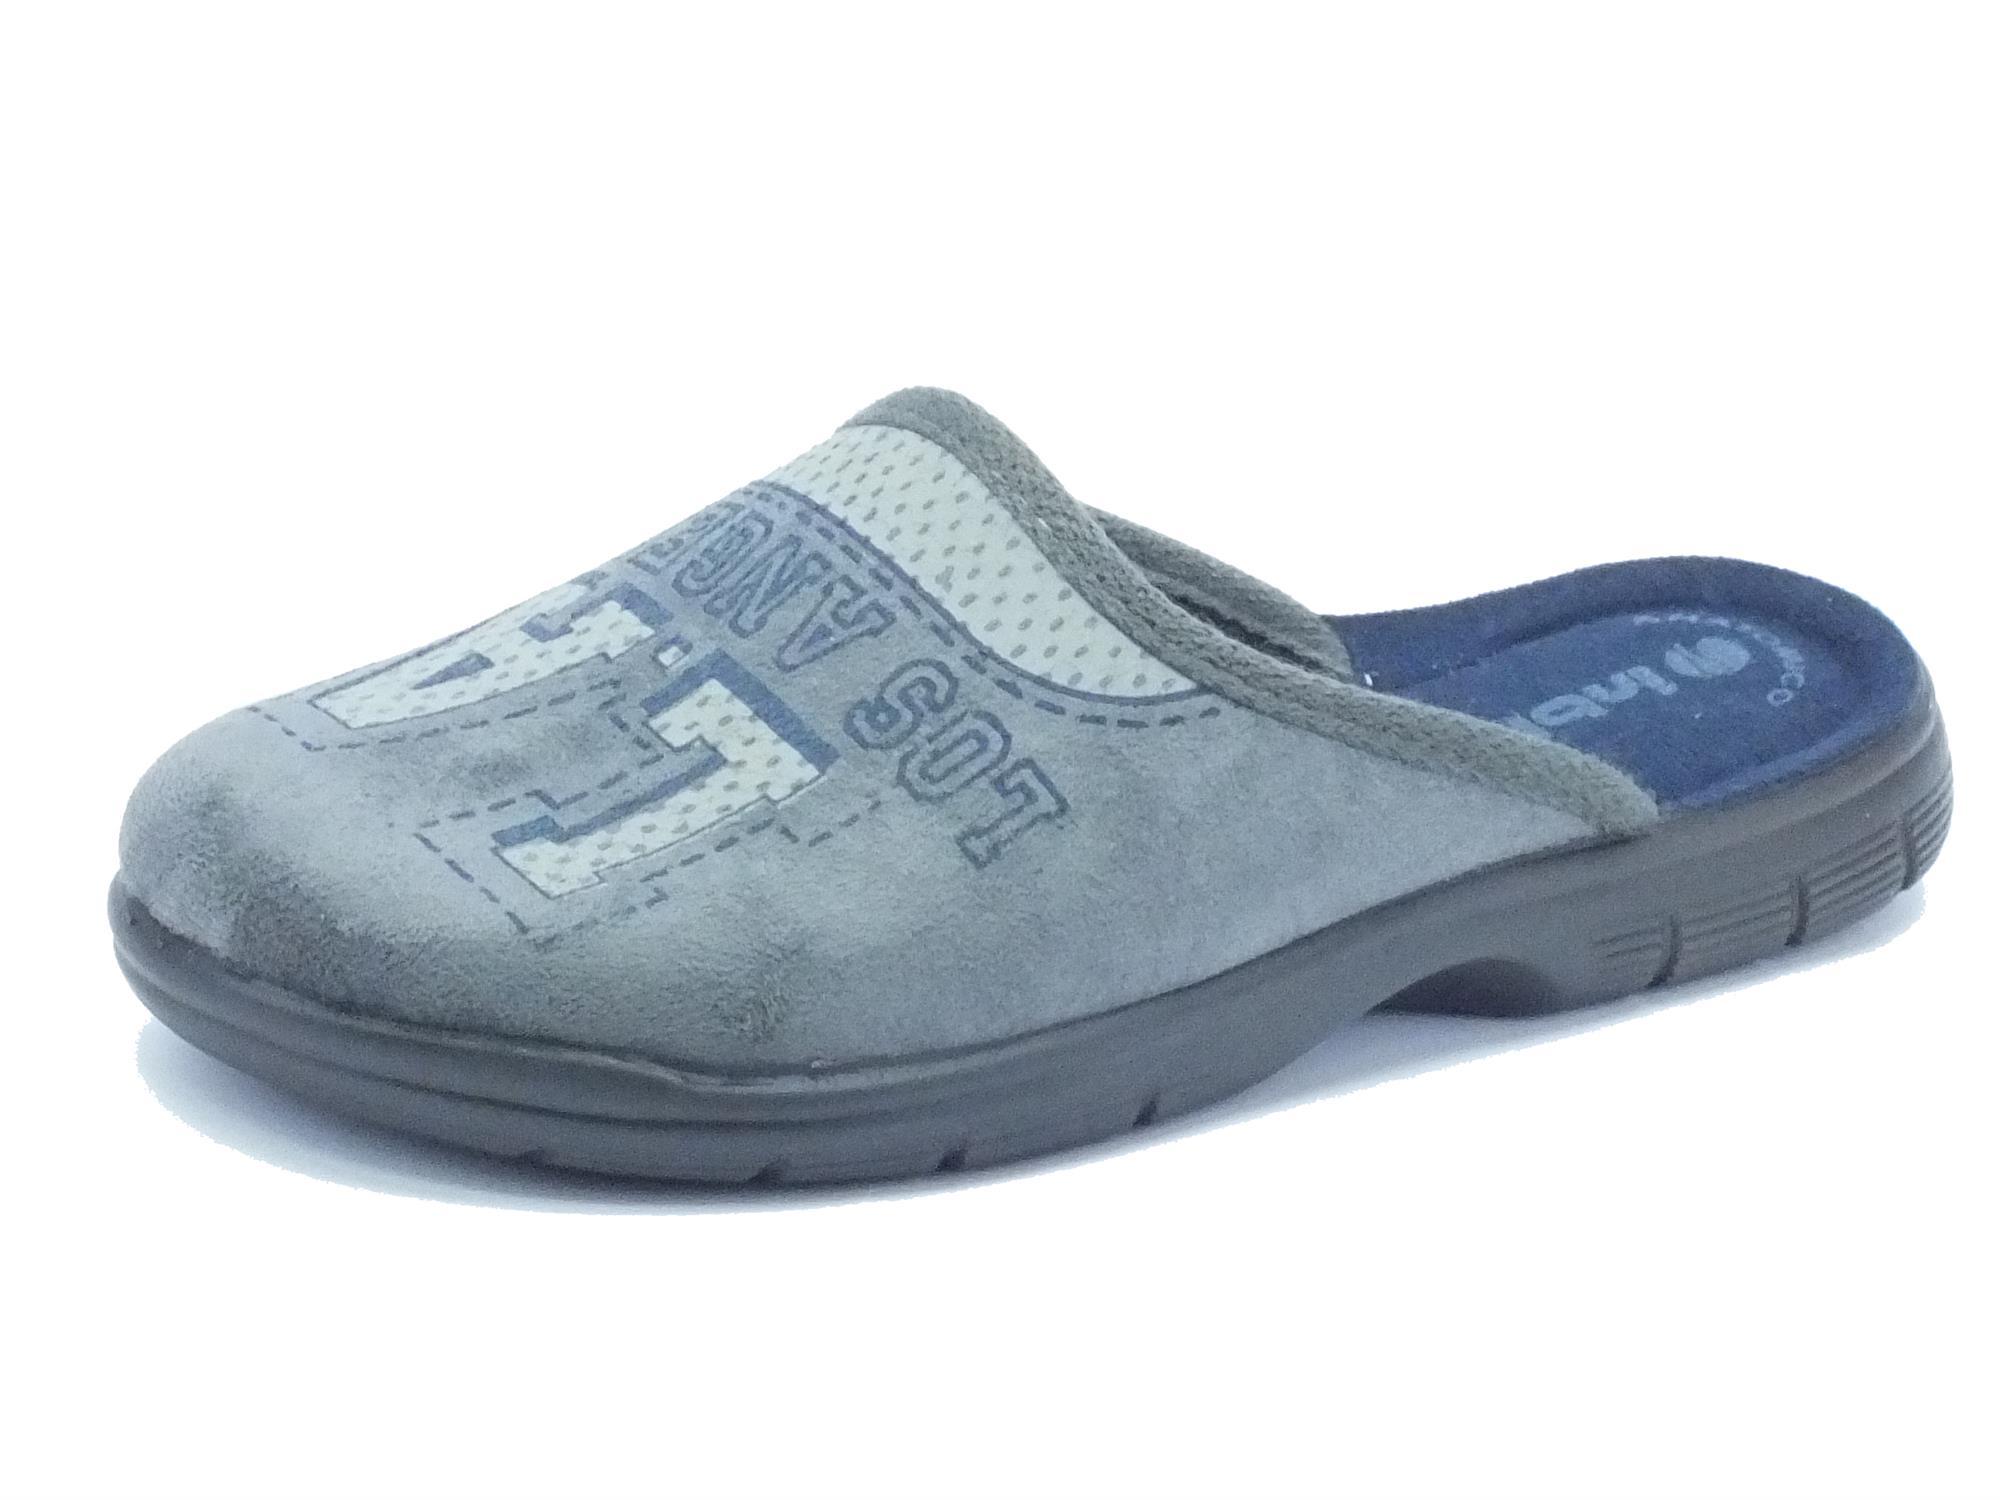 Pantofole InBlu per donna in tessuto grigio fondo soft anatomico